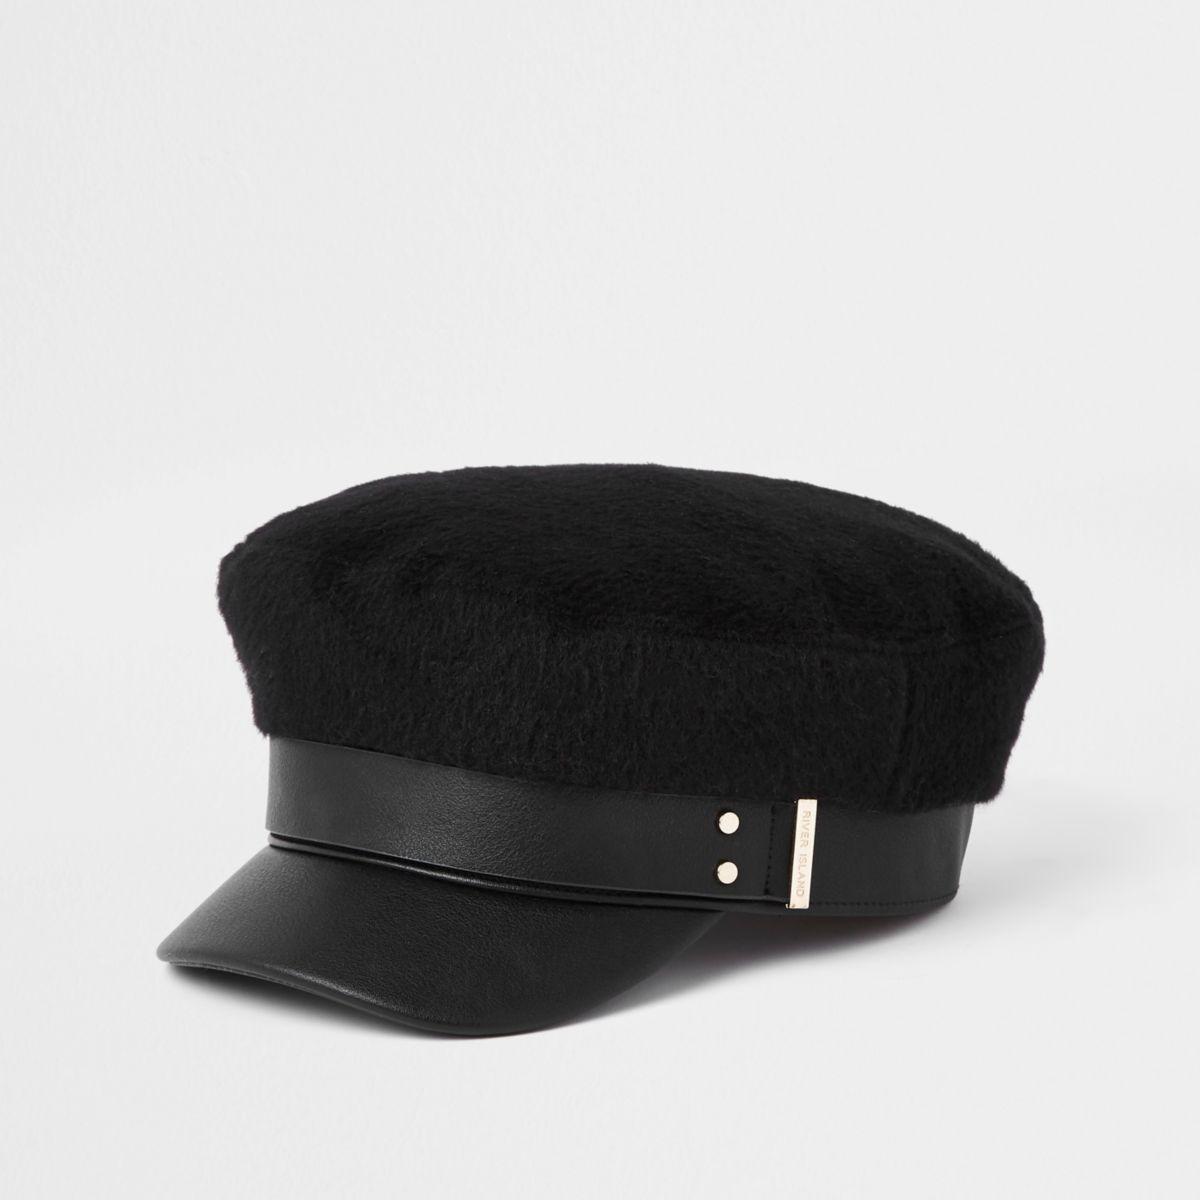 Black brushed baker boy hat